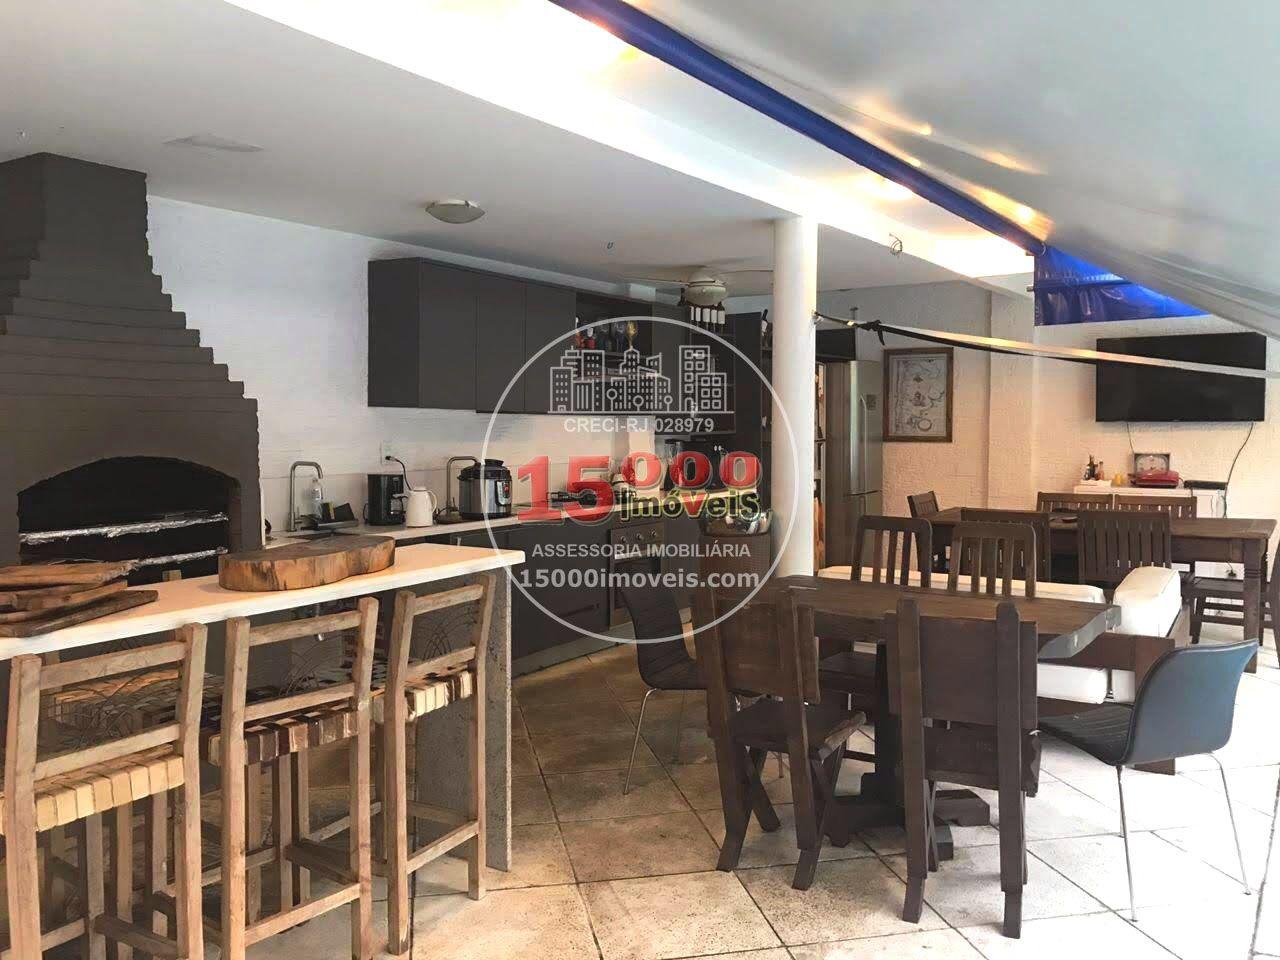 Casa duplex 5 suítes no Cond. Vivendas do Sol - Recreio dos Bandeirantes (15000-110) - 15000-110 - 5